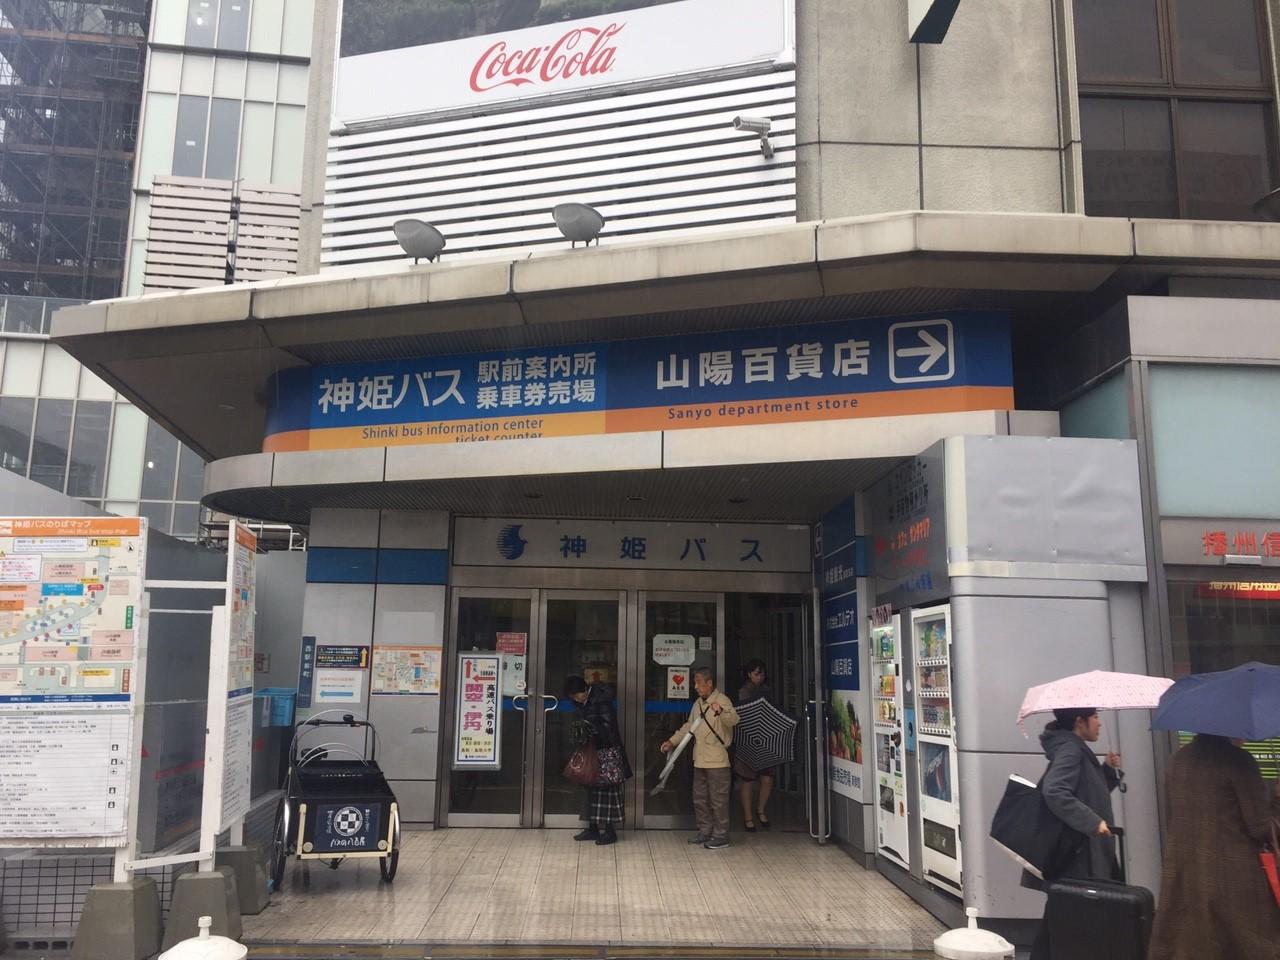 いまさら神姫バス構内にTSUTAYA返却_7191